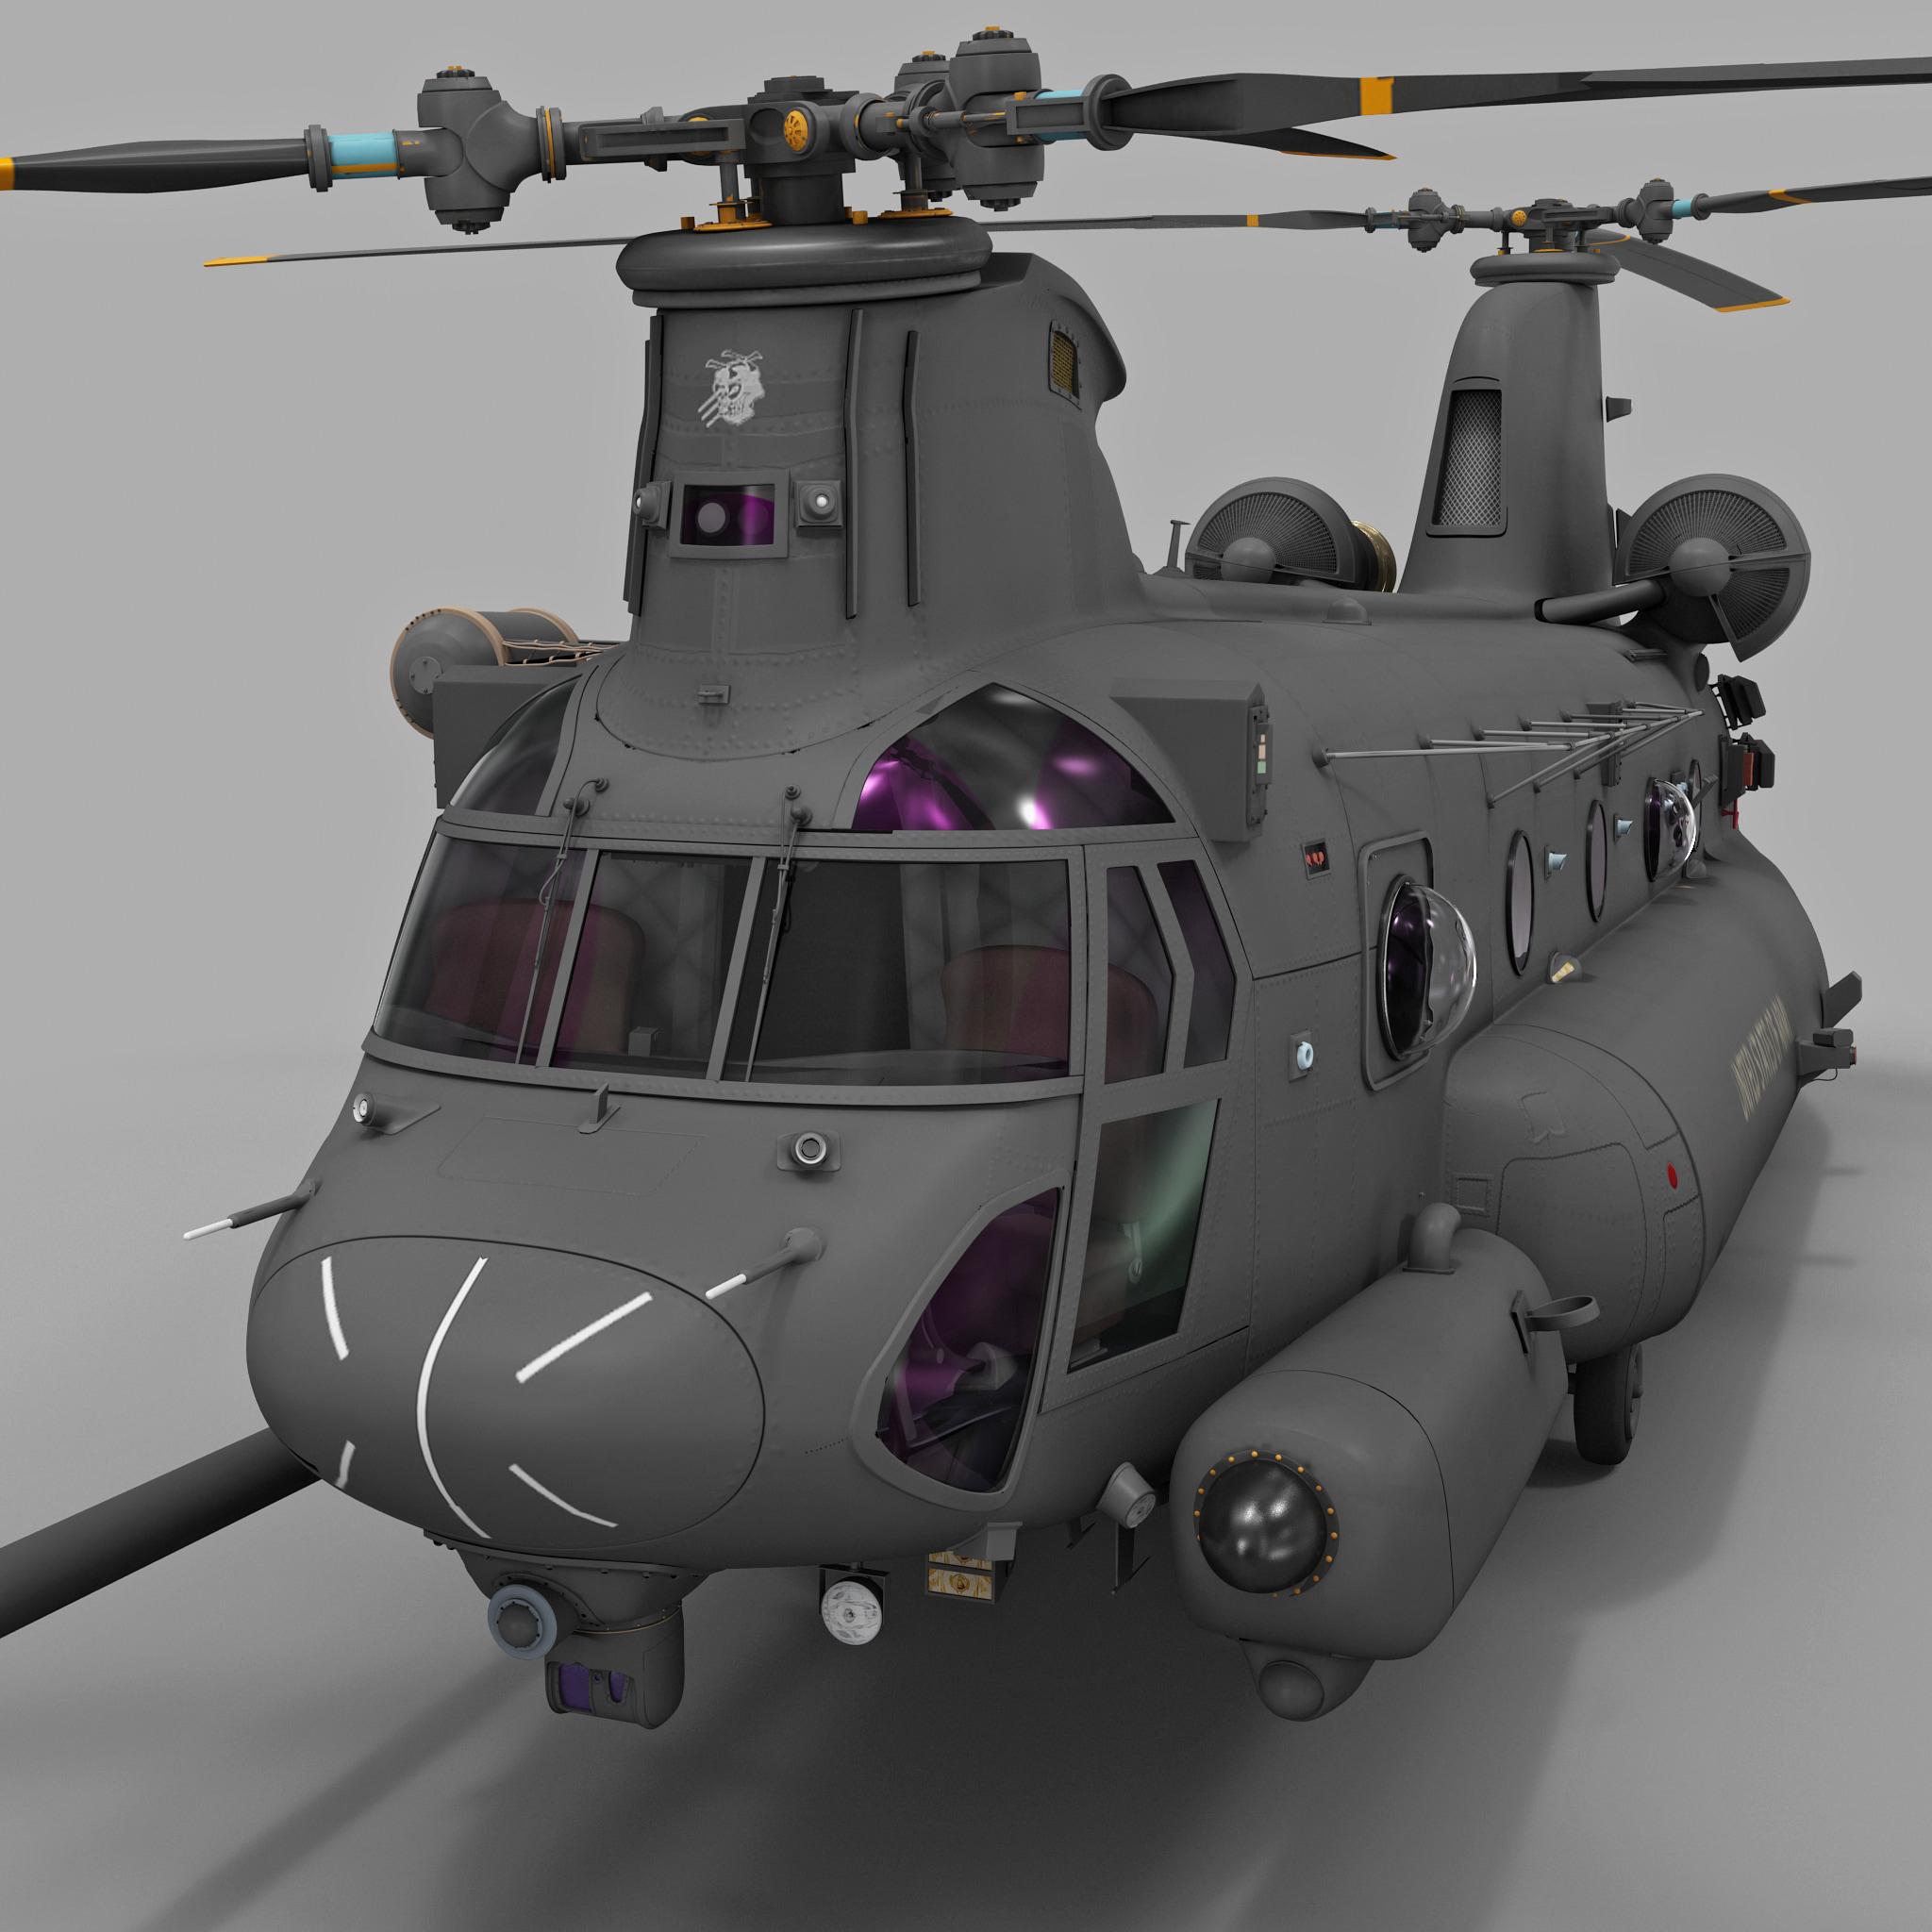 MH 47 Chinook_2.jpg